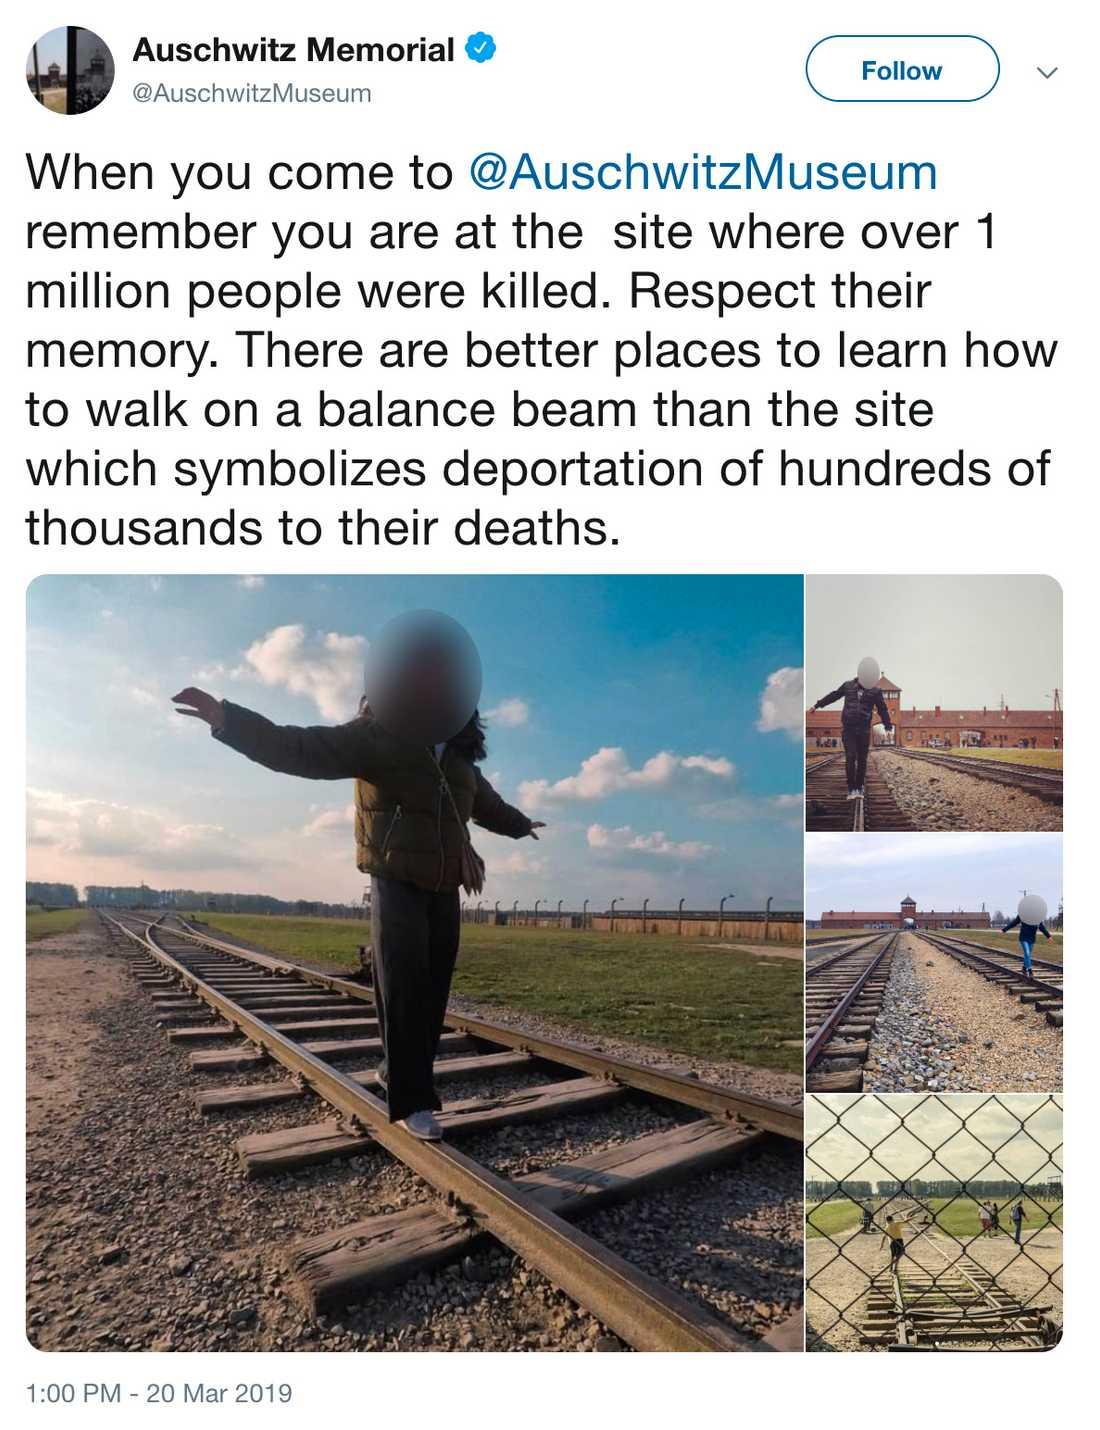 Sluta upp med okänsliga bilder, menar anställda på minnesplatsen.